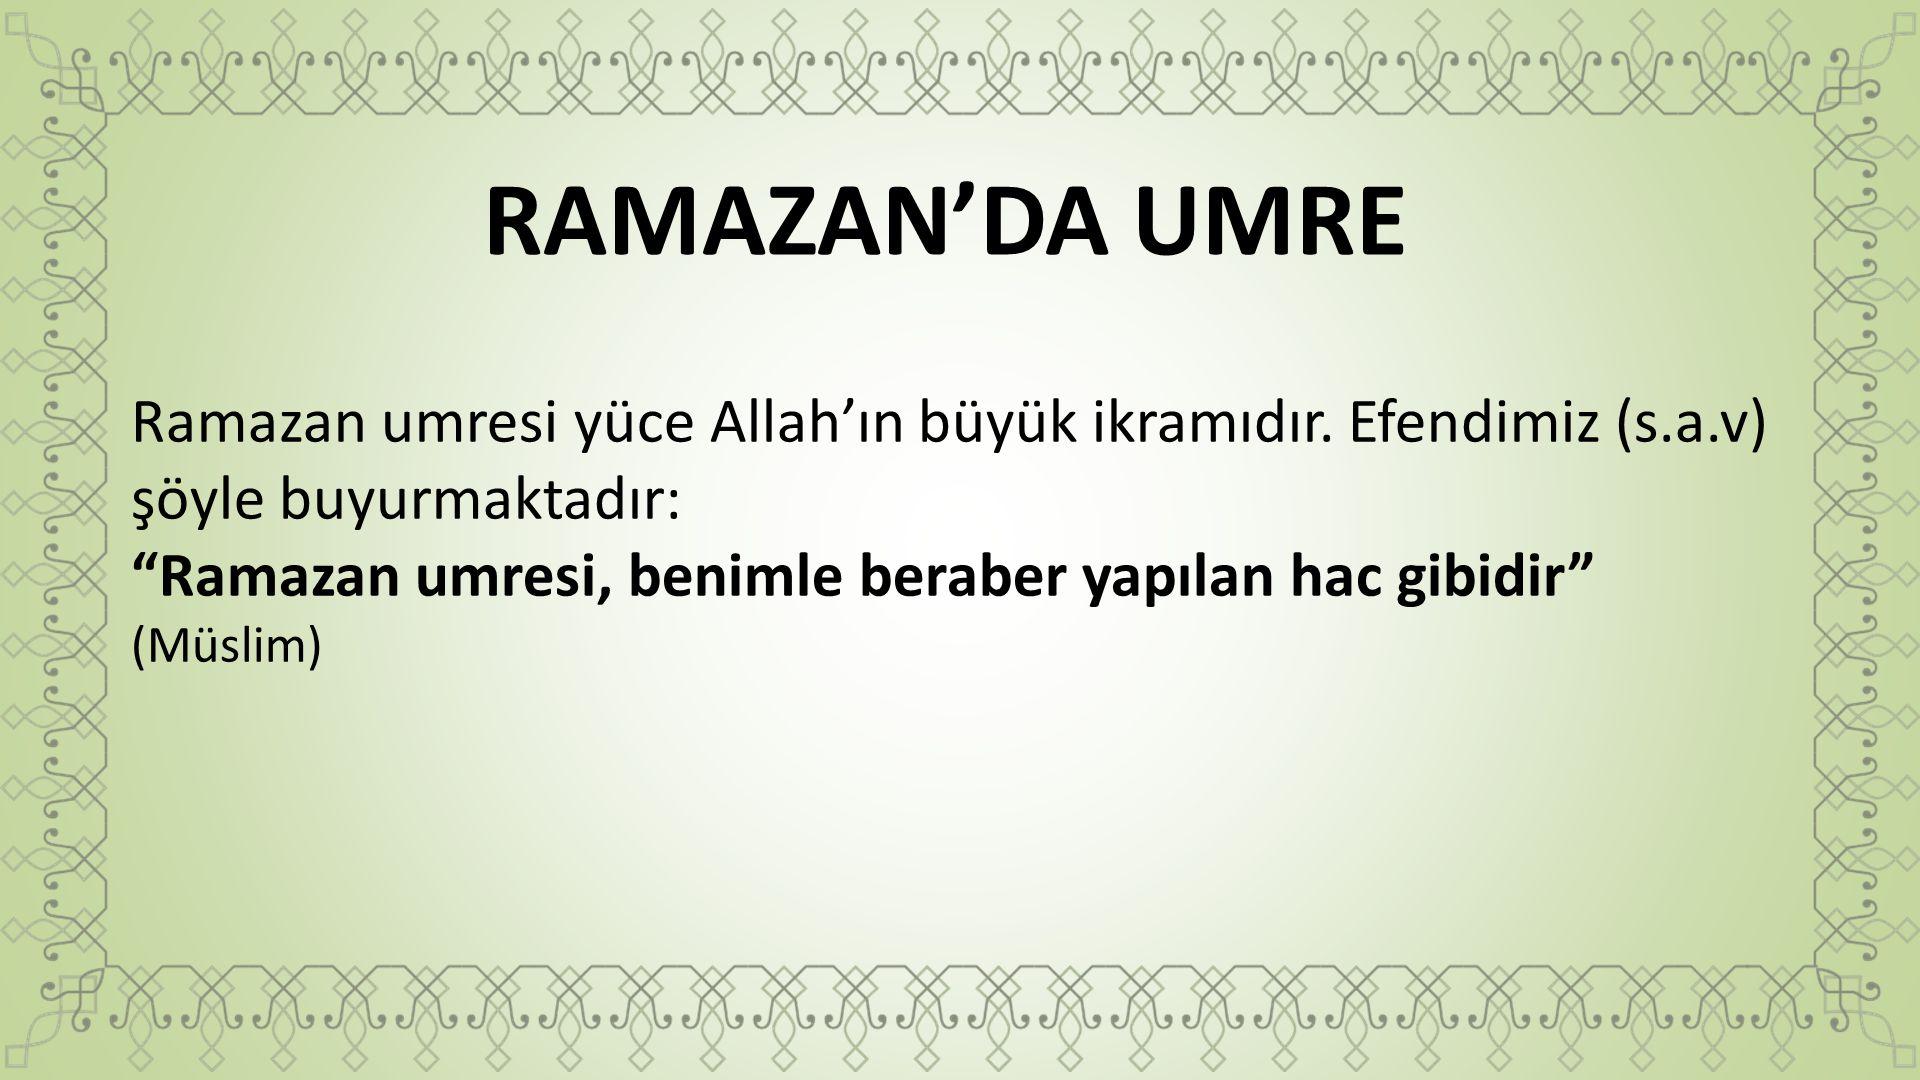 """RAMAZAN'DA UMRE Ramazan umresi yüce Allah'ın büyük ikramıdır. Efendimiz (s.a.v) şöyle buyurmaktadır: """"Ramazan umresi, benimle beraber yapılan hac gibi"""